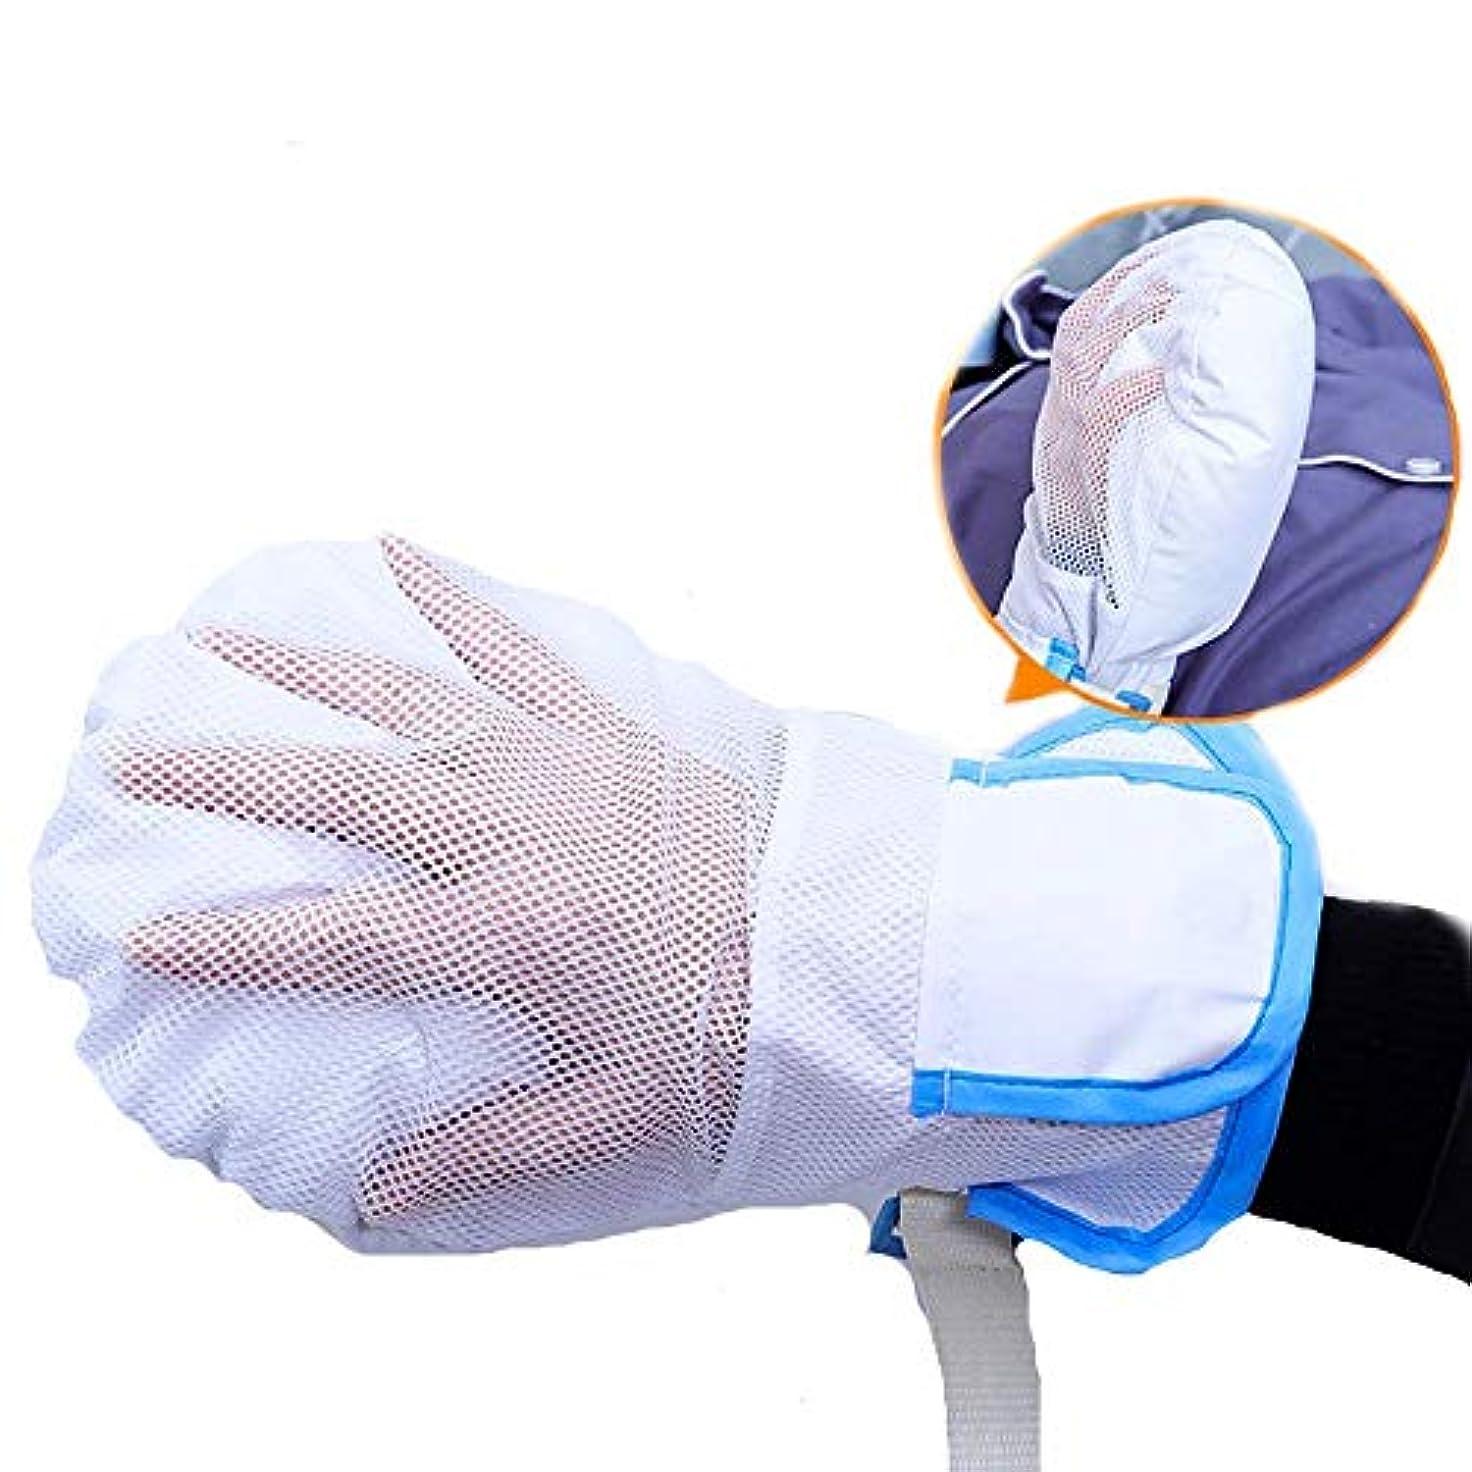 打ち上げるラジエーター亡命フィンガーコントロールミット、手の拘束、認知症安全拘束手袋ハンドプロテクターを保護します。 (2PCS)